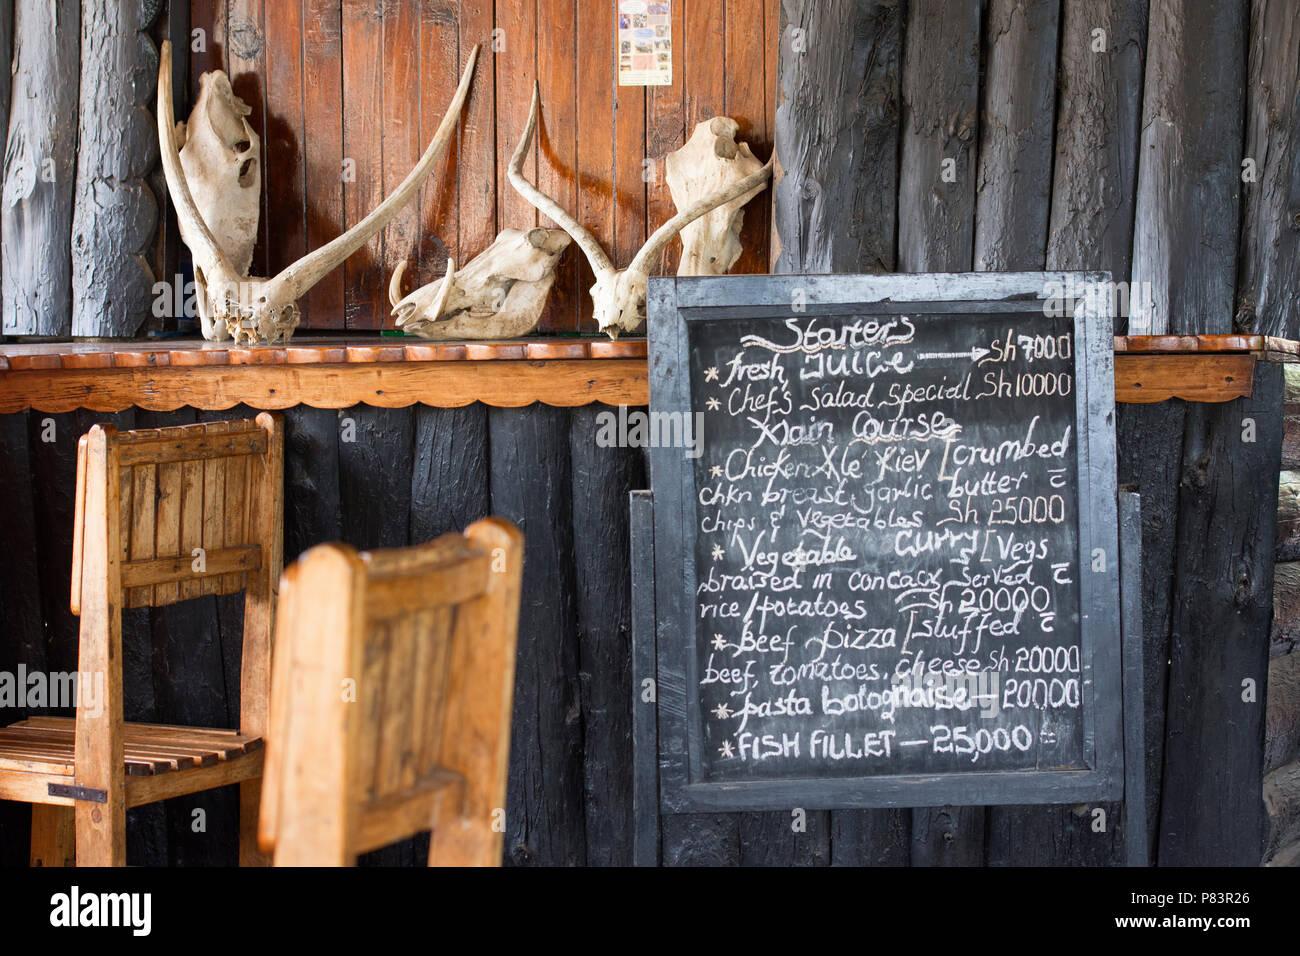 Il menu del ristorante, il lago Mburo National Park in Uganda, Africa orientale Immagini Stock